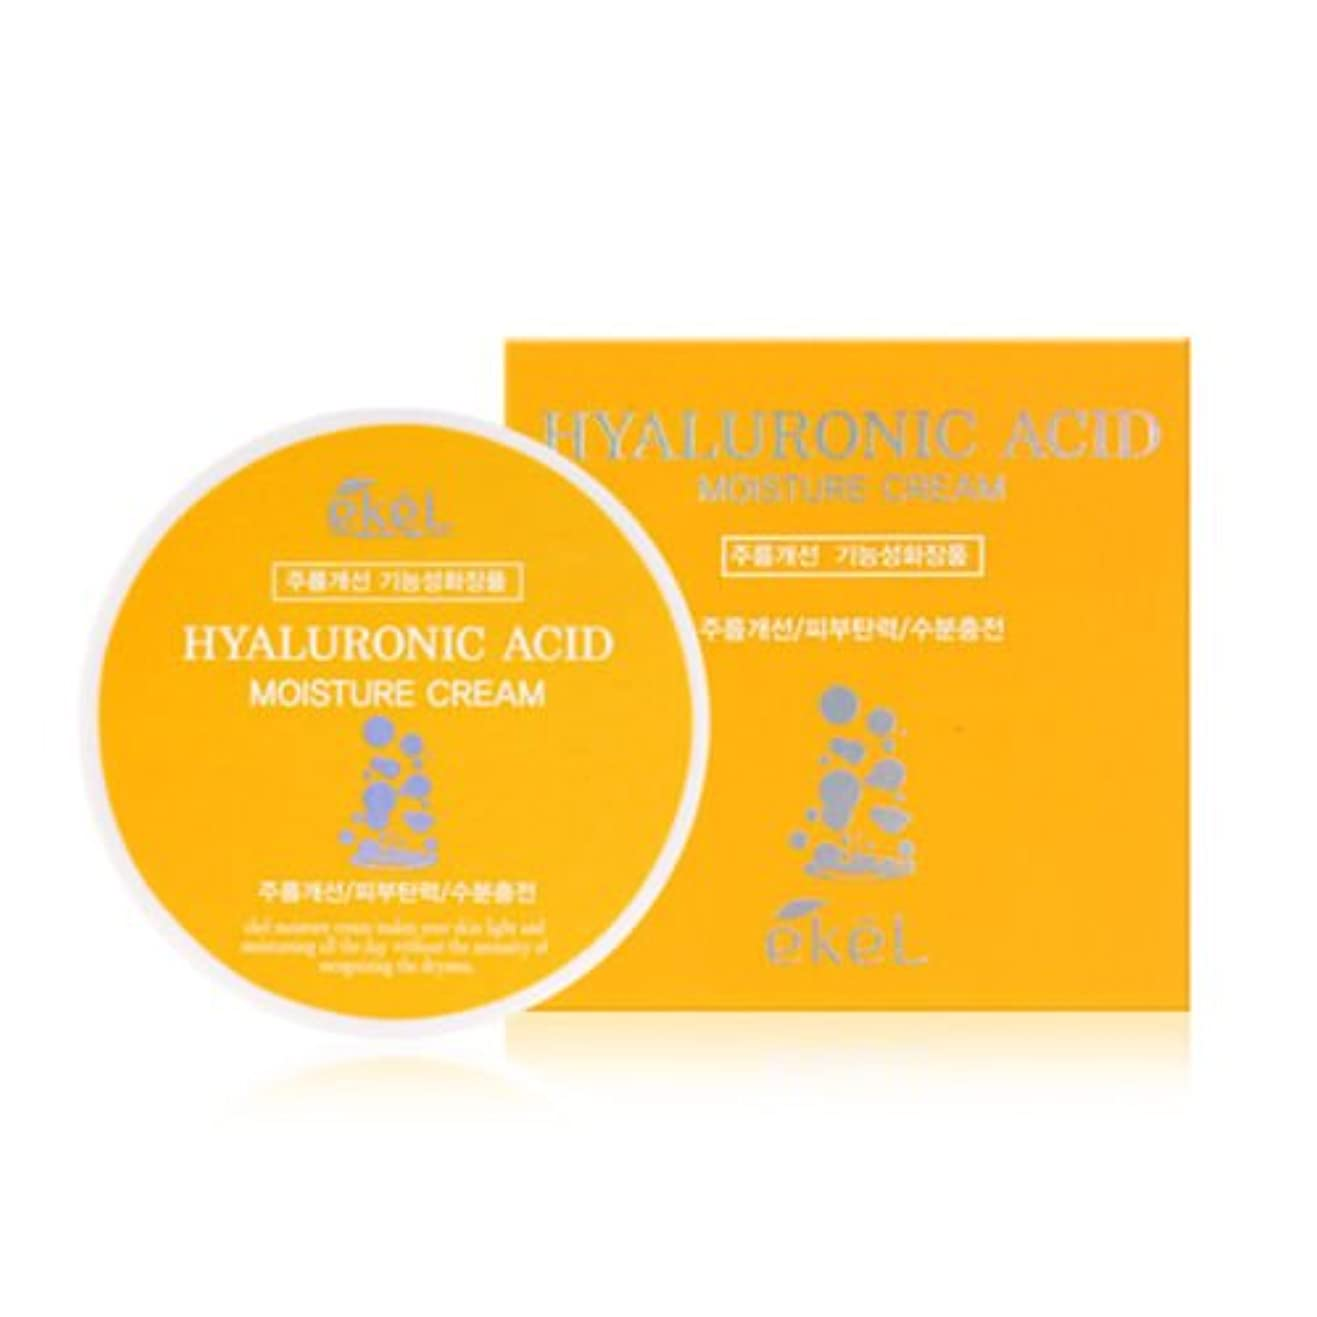 肺チロ伝導率イケル[韓国コスメEkel]Hyaluronic acid Moisture Cream ヒアルロン酸モイスチャークリーム100g [並行輸入品]